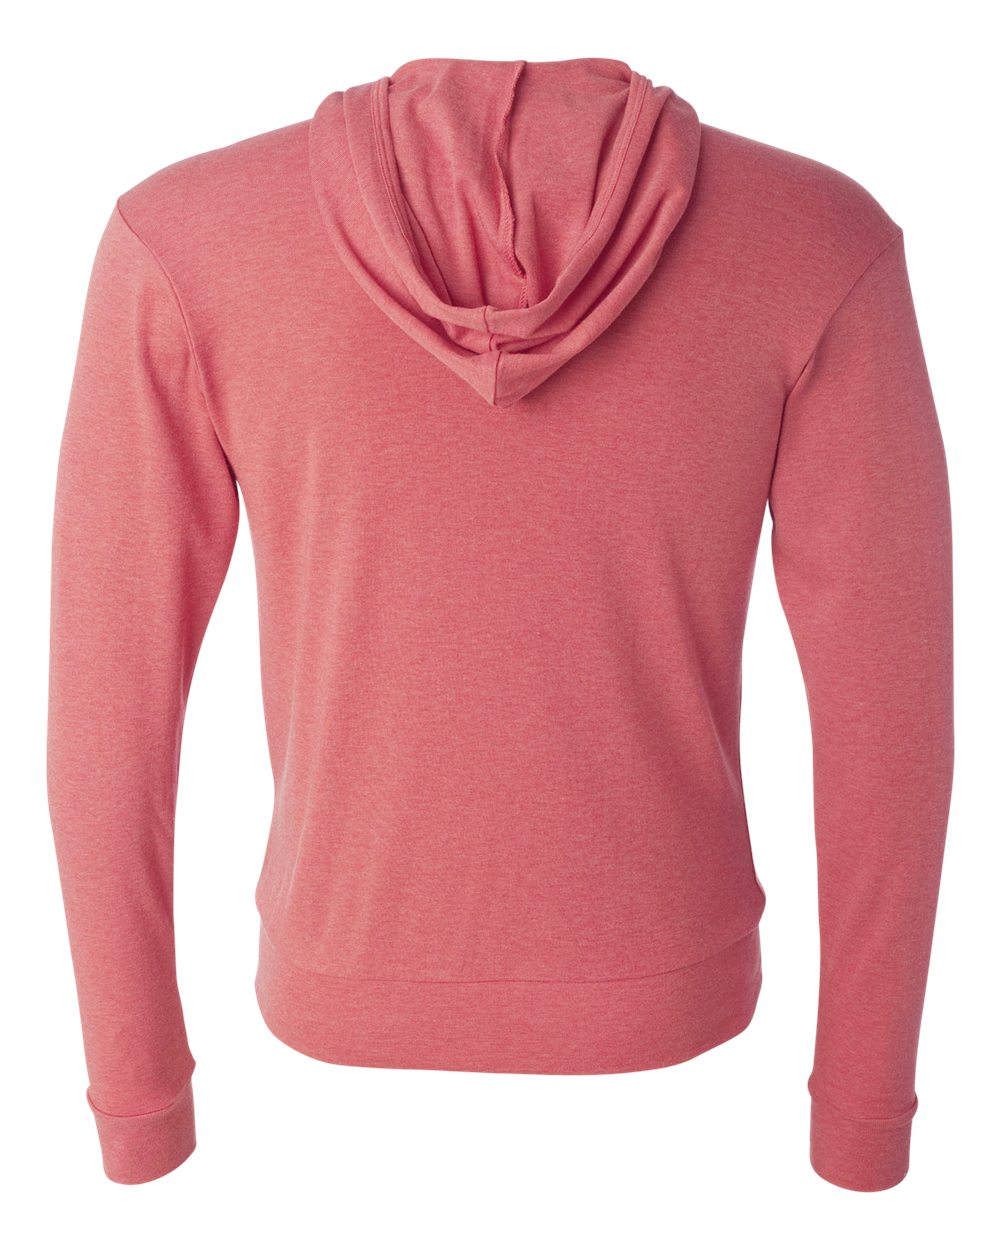 Bella-Canvas-Unisex-Triblend-Lightweight-Hooded-Full-Zip-T-Shirt-3939-upto-2XL thumbnail 25